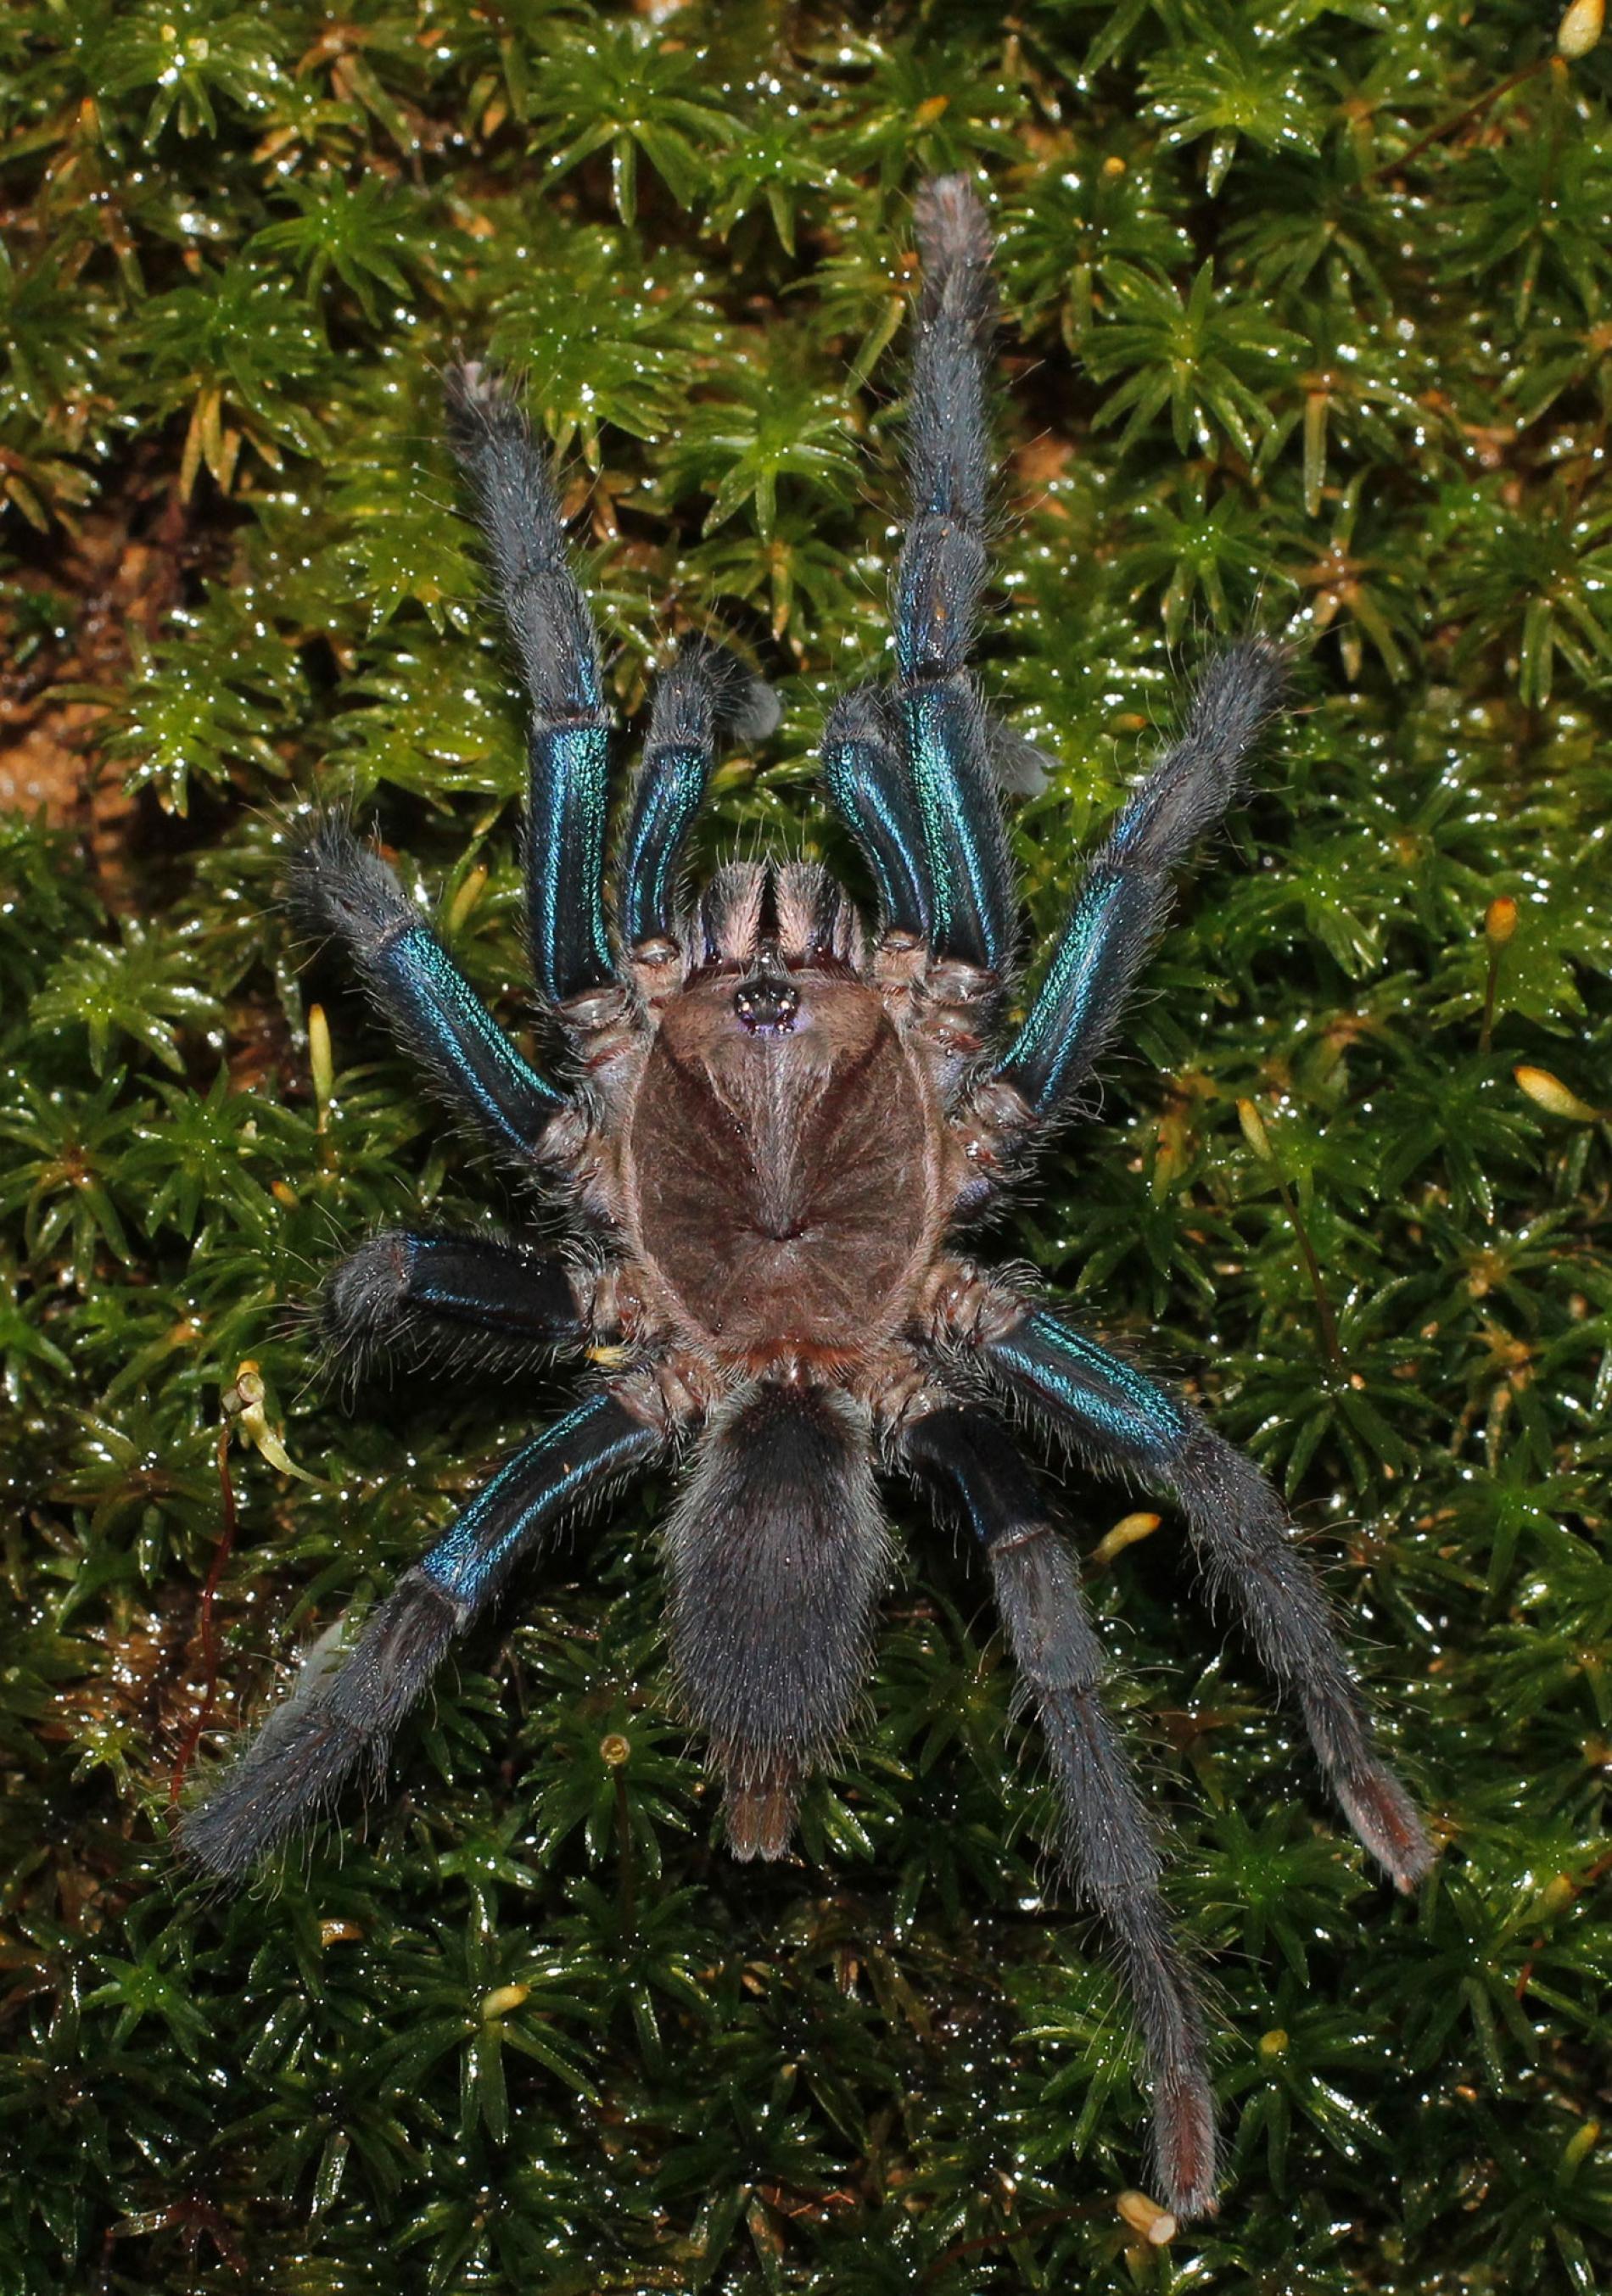 新種蜘蛛的雌性有著亮藍色的腿,雄性則是苔蘚般的褐色。PHOTOGRAPH BY RANIL P. NANAYAKKARA